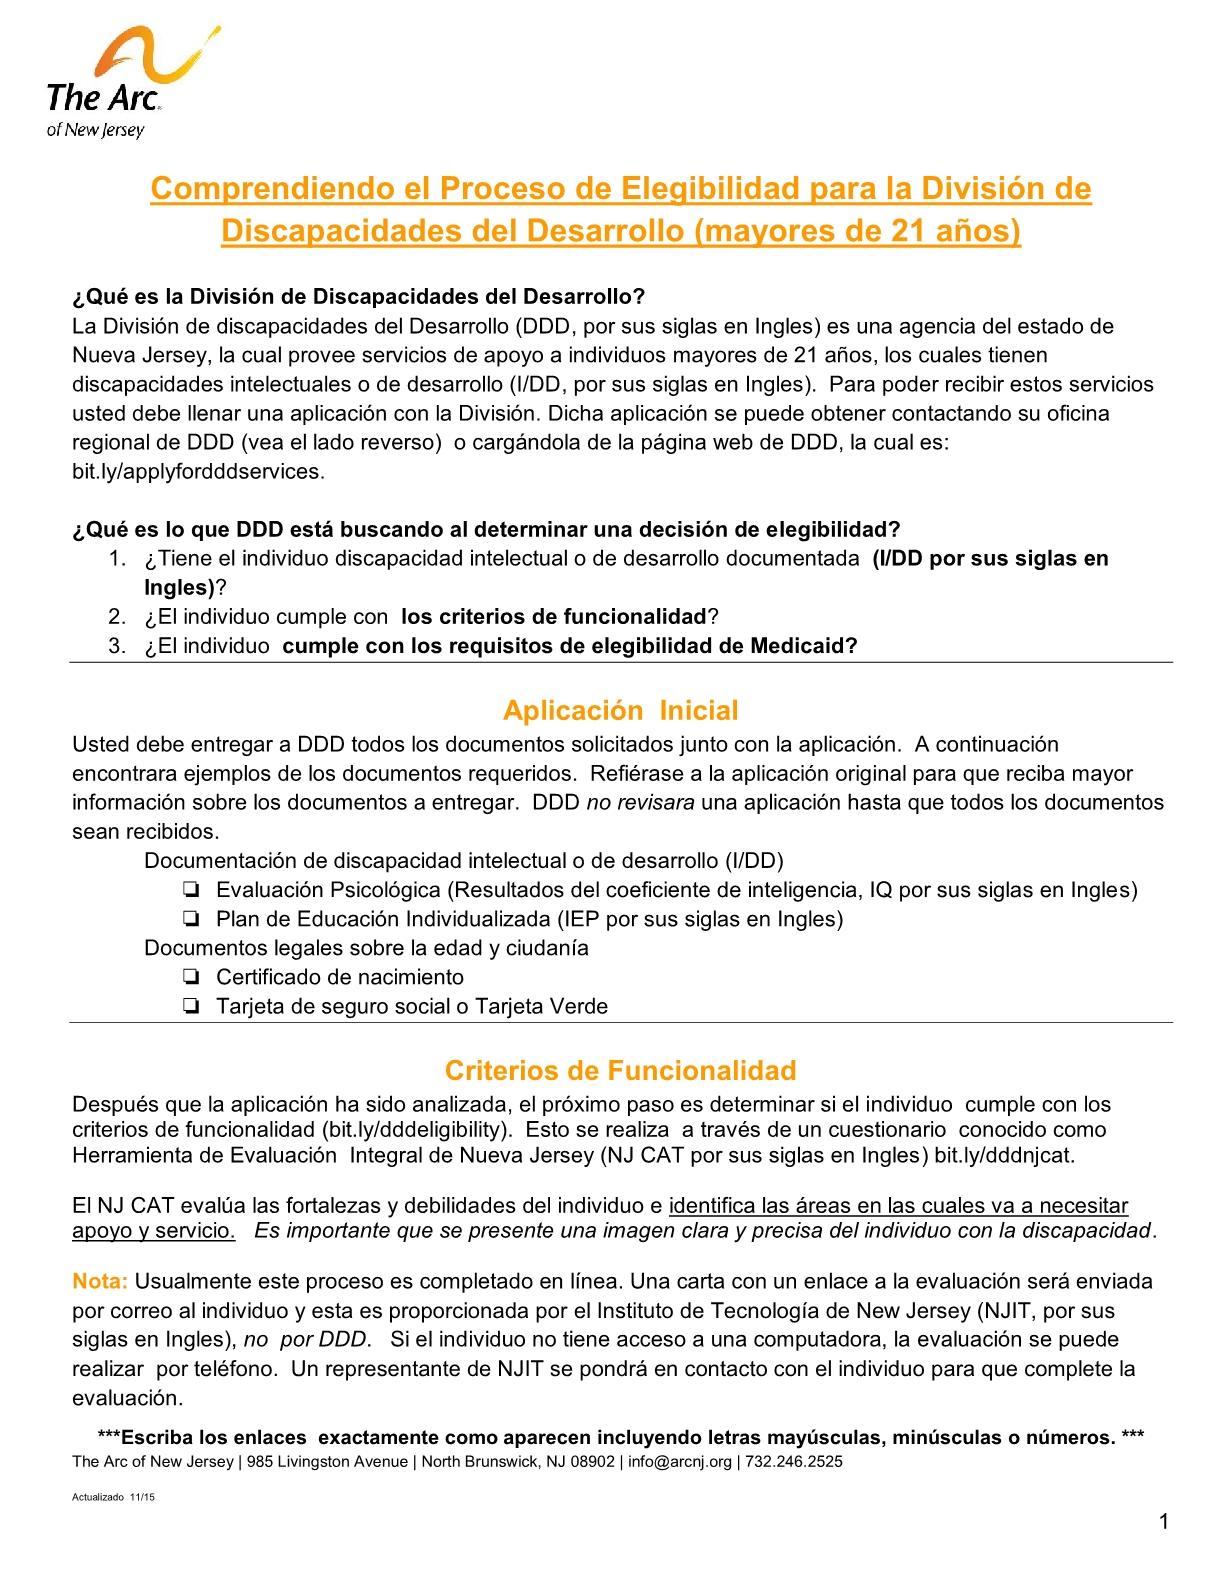 Understanding DDD's Determination of Eligibility Process - Spanish